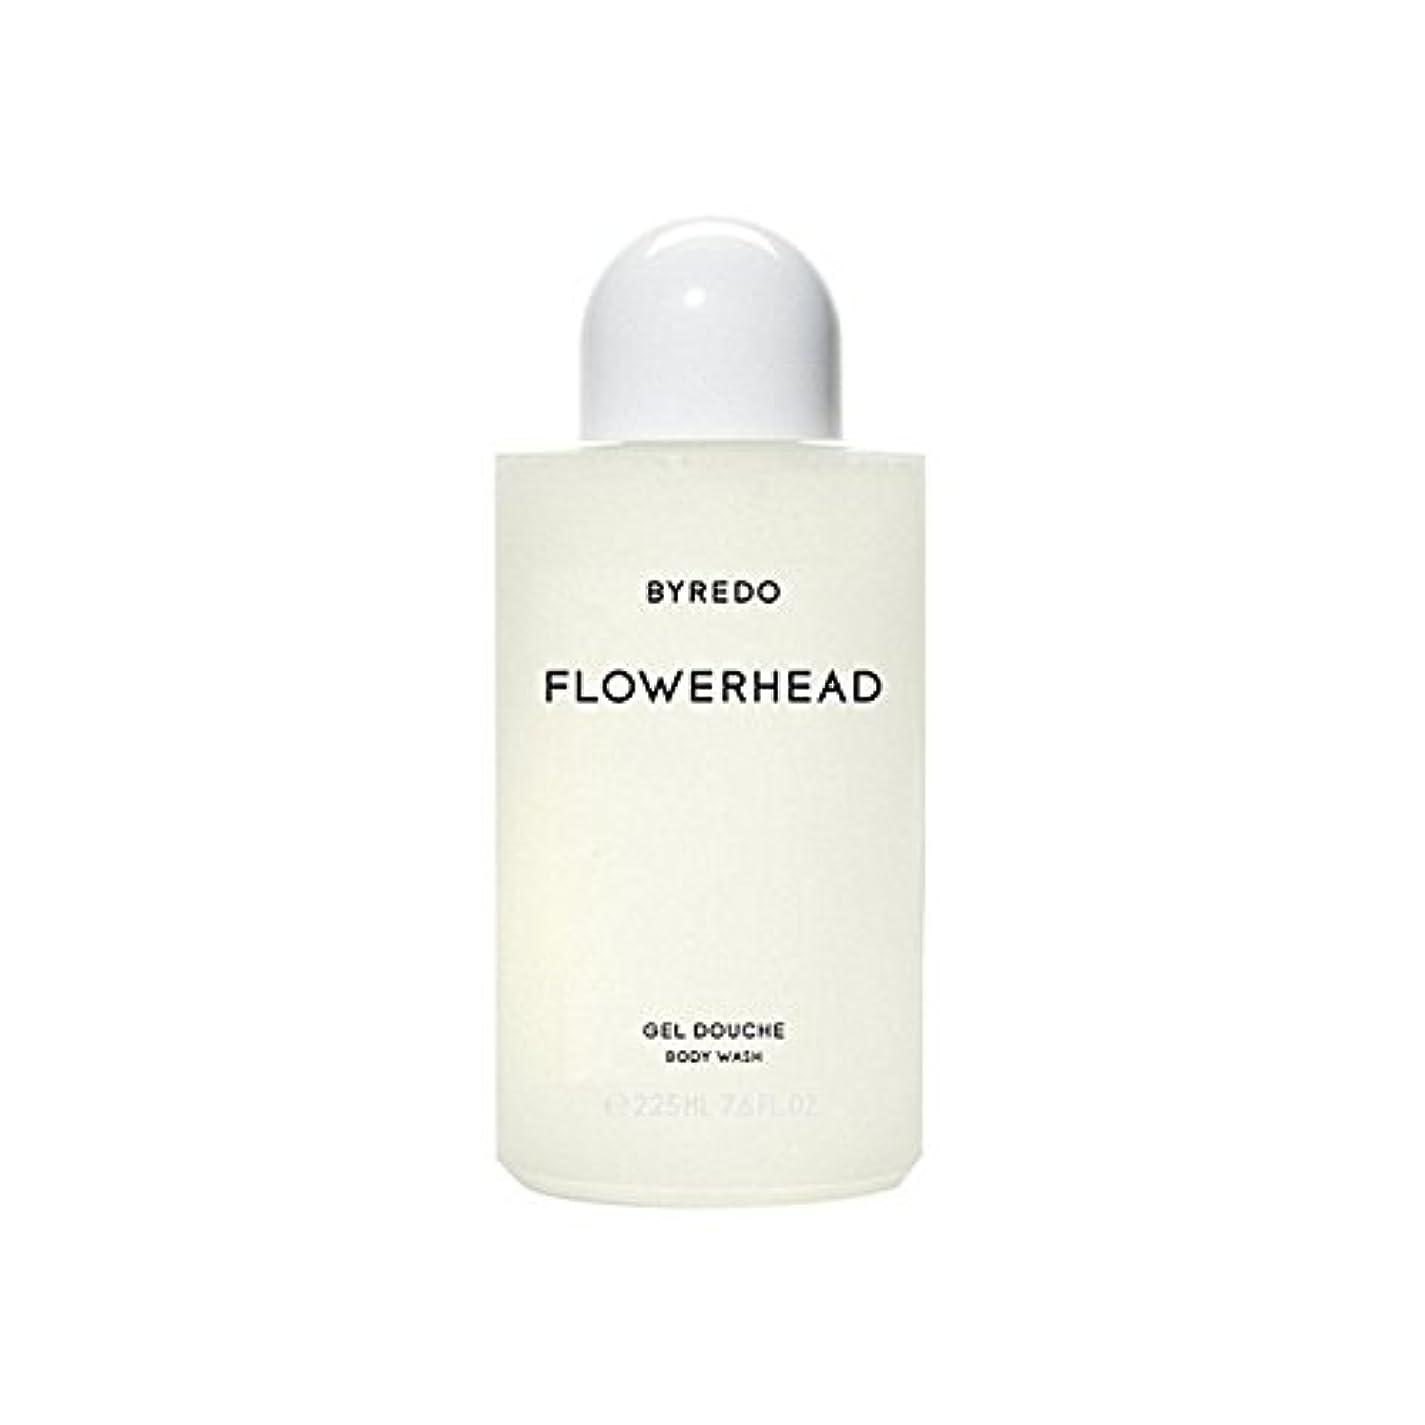 予知軽血Byredo Flowerhead Body Wash 225ml - ボディウォッシュ225ミリリットル [並行輸入品]